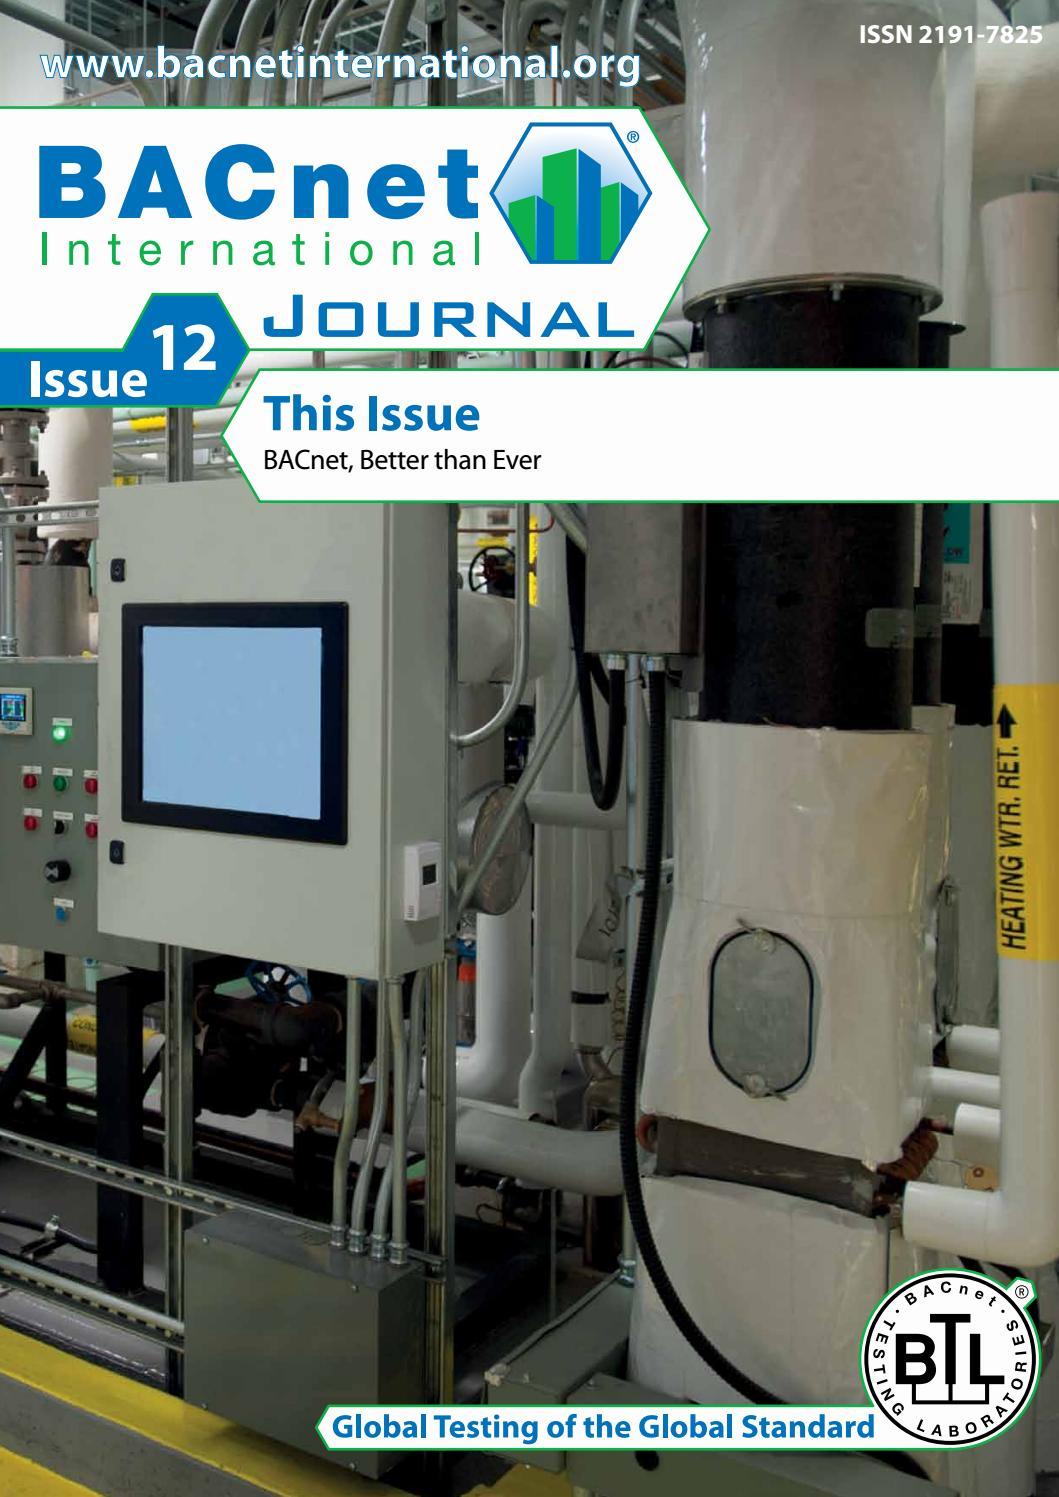 BACnet International Journal Issue 12 By BACnet